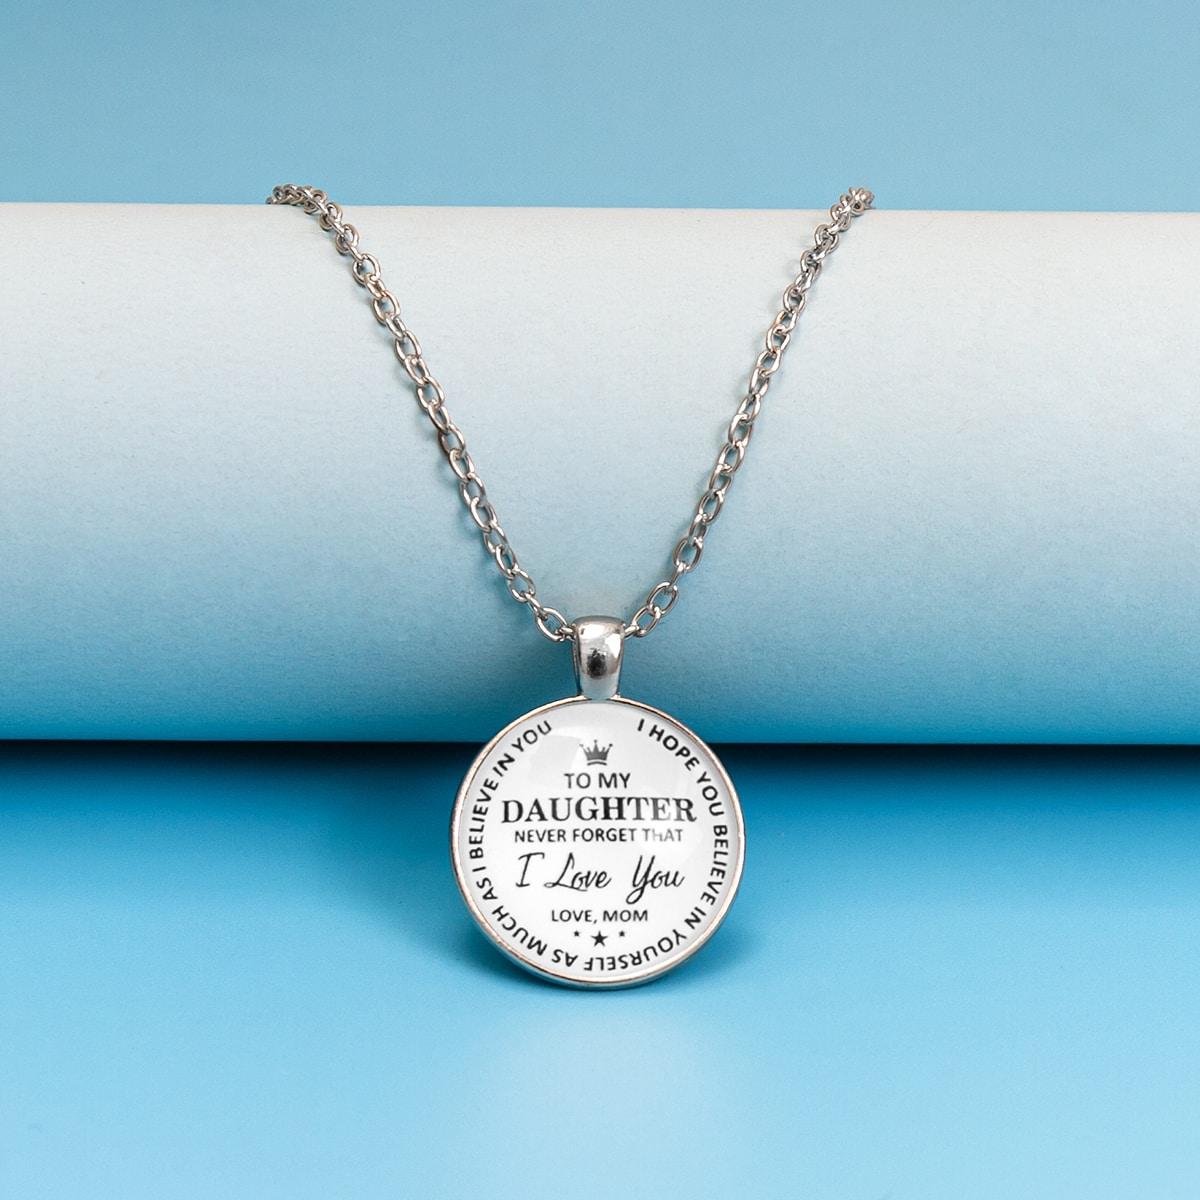 Ожерелье с круглым декором и текстовым принтом для девочек